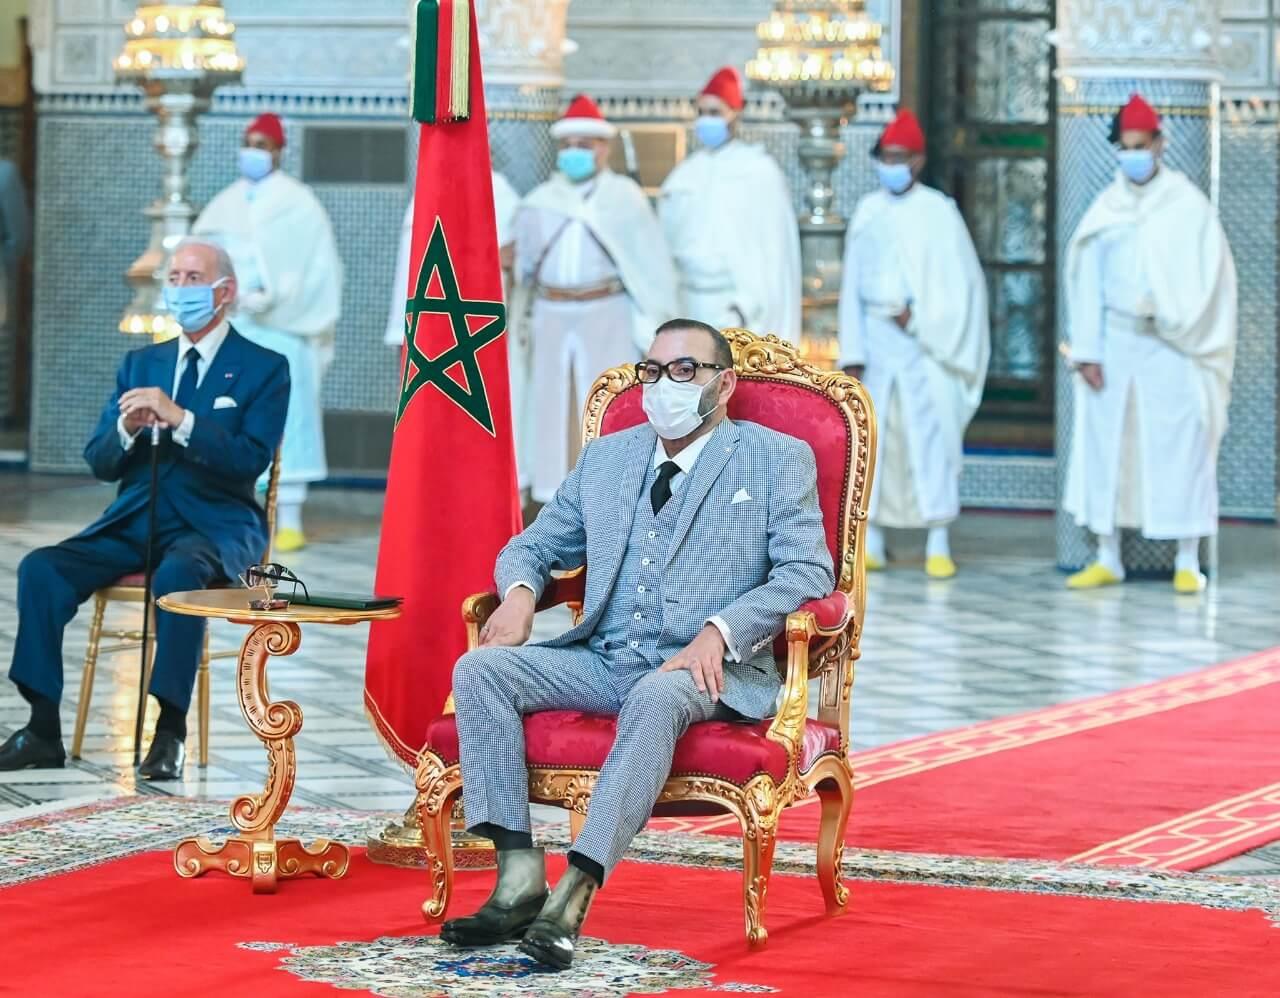 الملك محمد السادس يترأس توقيع اتفاقيات تصنيع وتعبئة لقاح كورونا بالمغرب